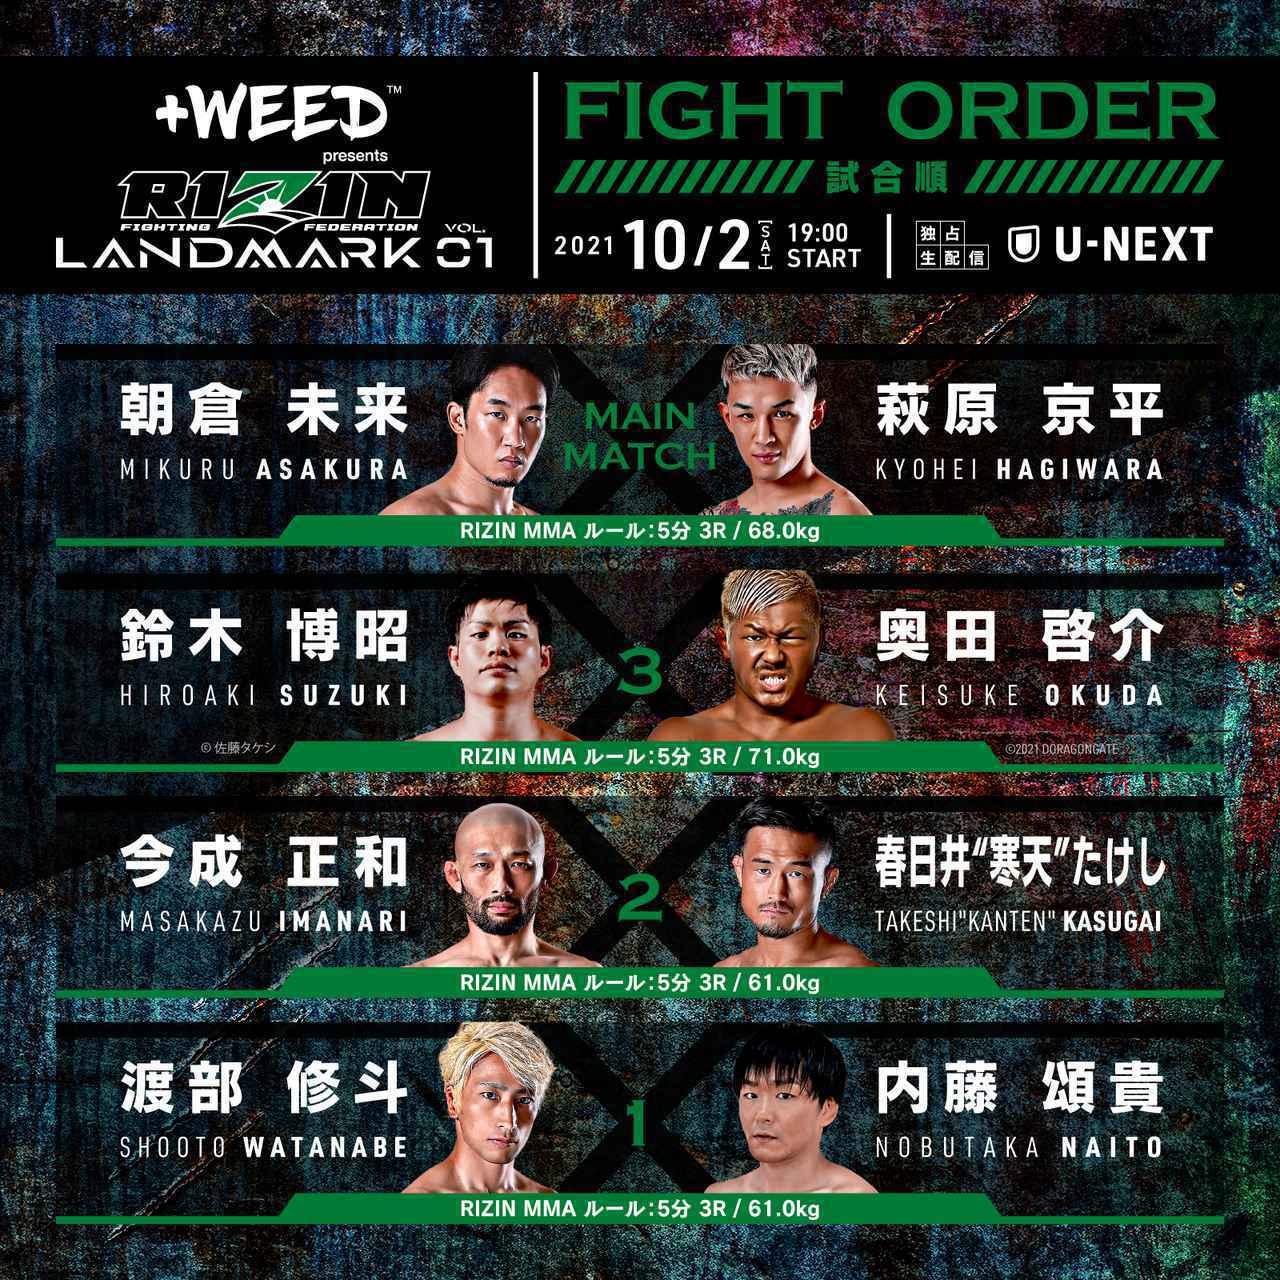 2021年10月2日RIZIN LANDMARK vol.1 -直播[全程视频] 朝倉未来 vs. 萩原京平